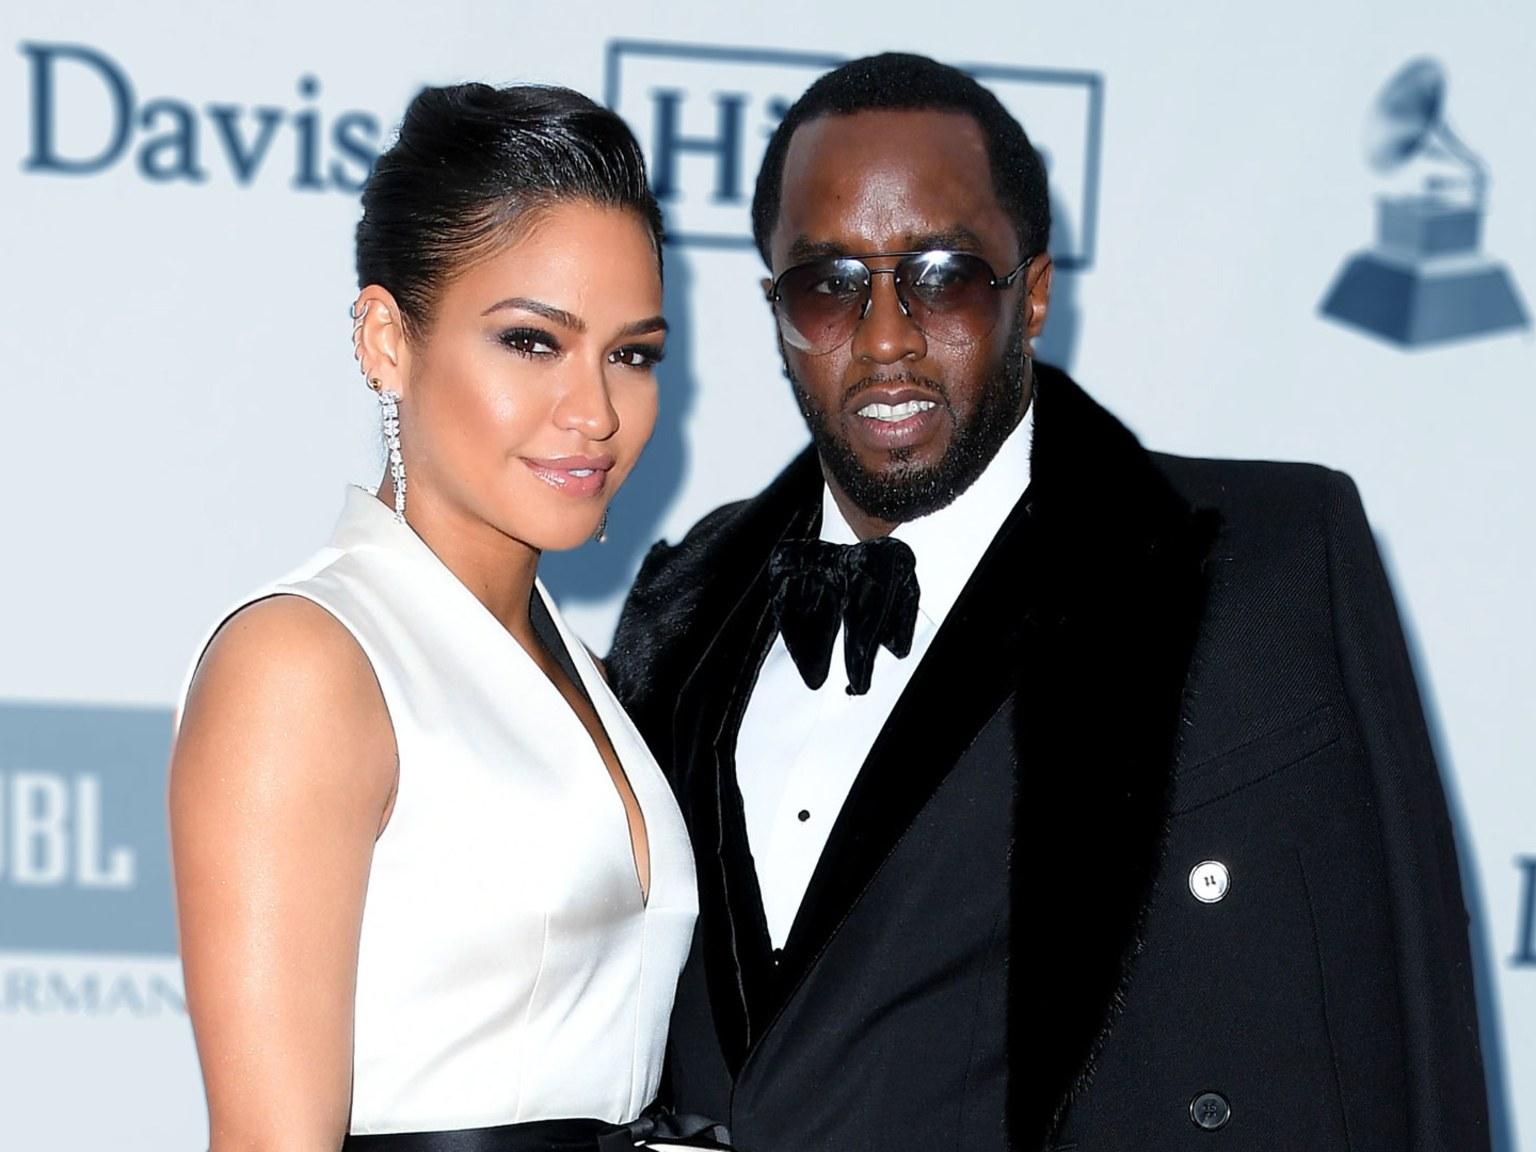 Cassie dating Wiz Khalifa